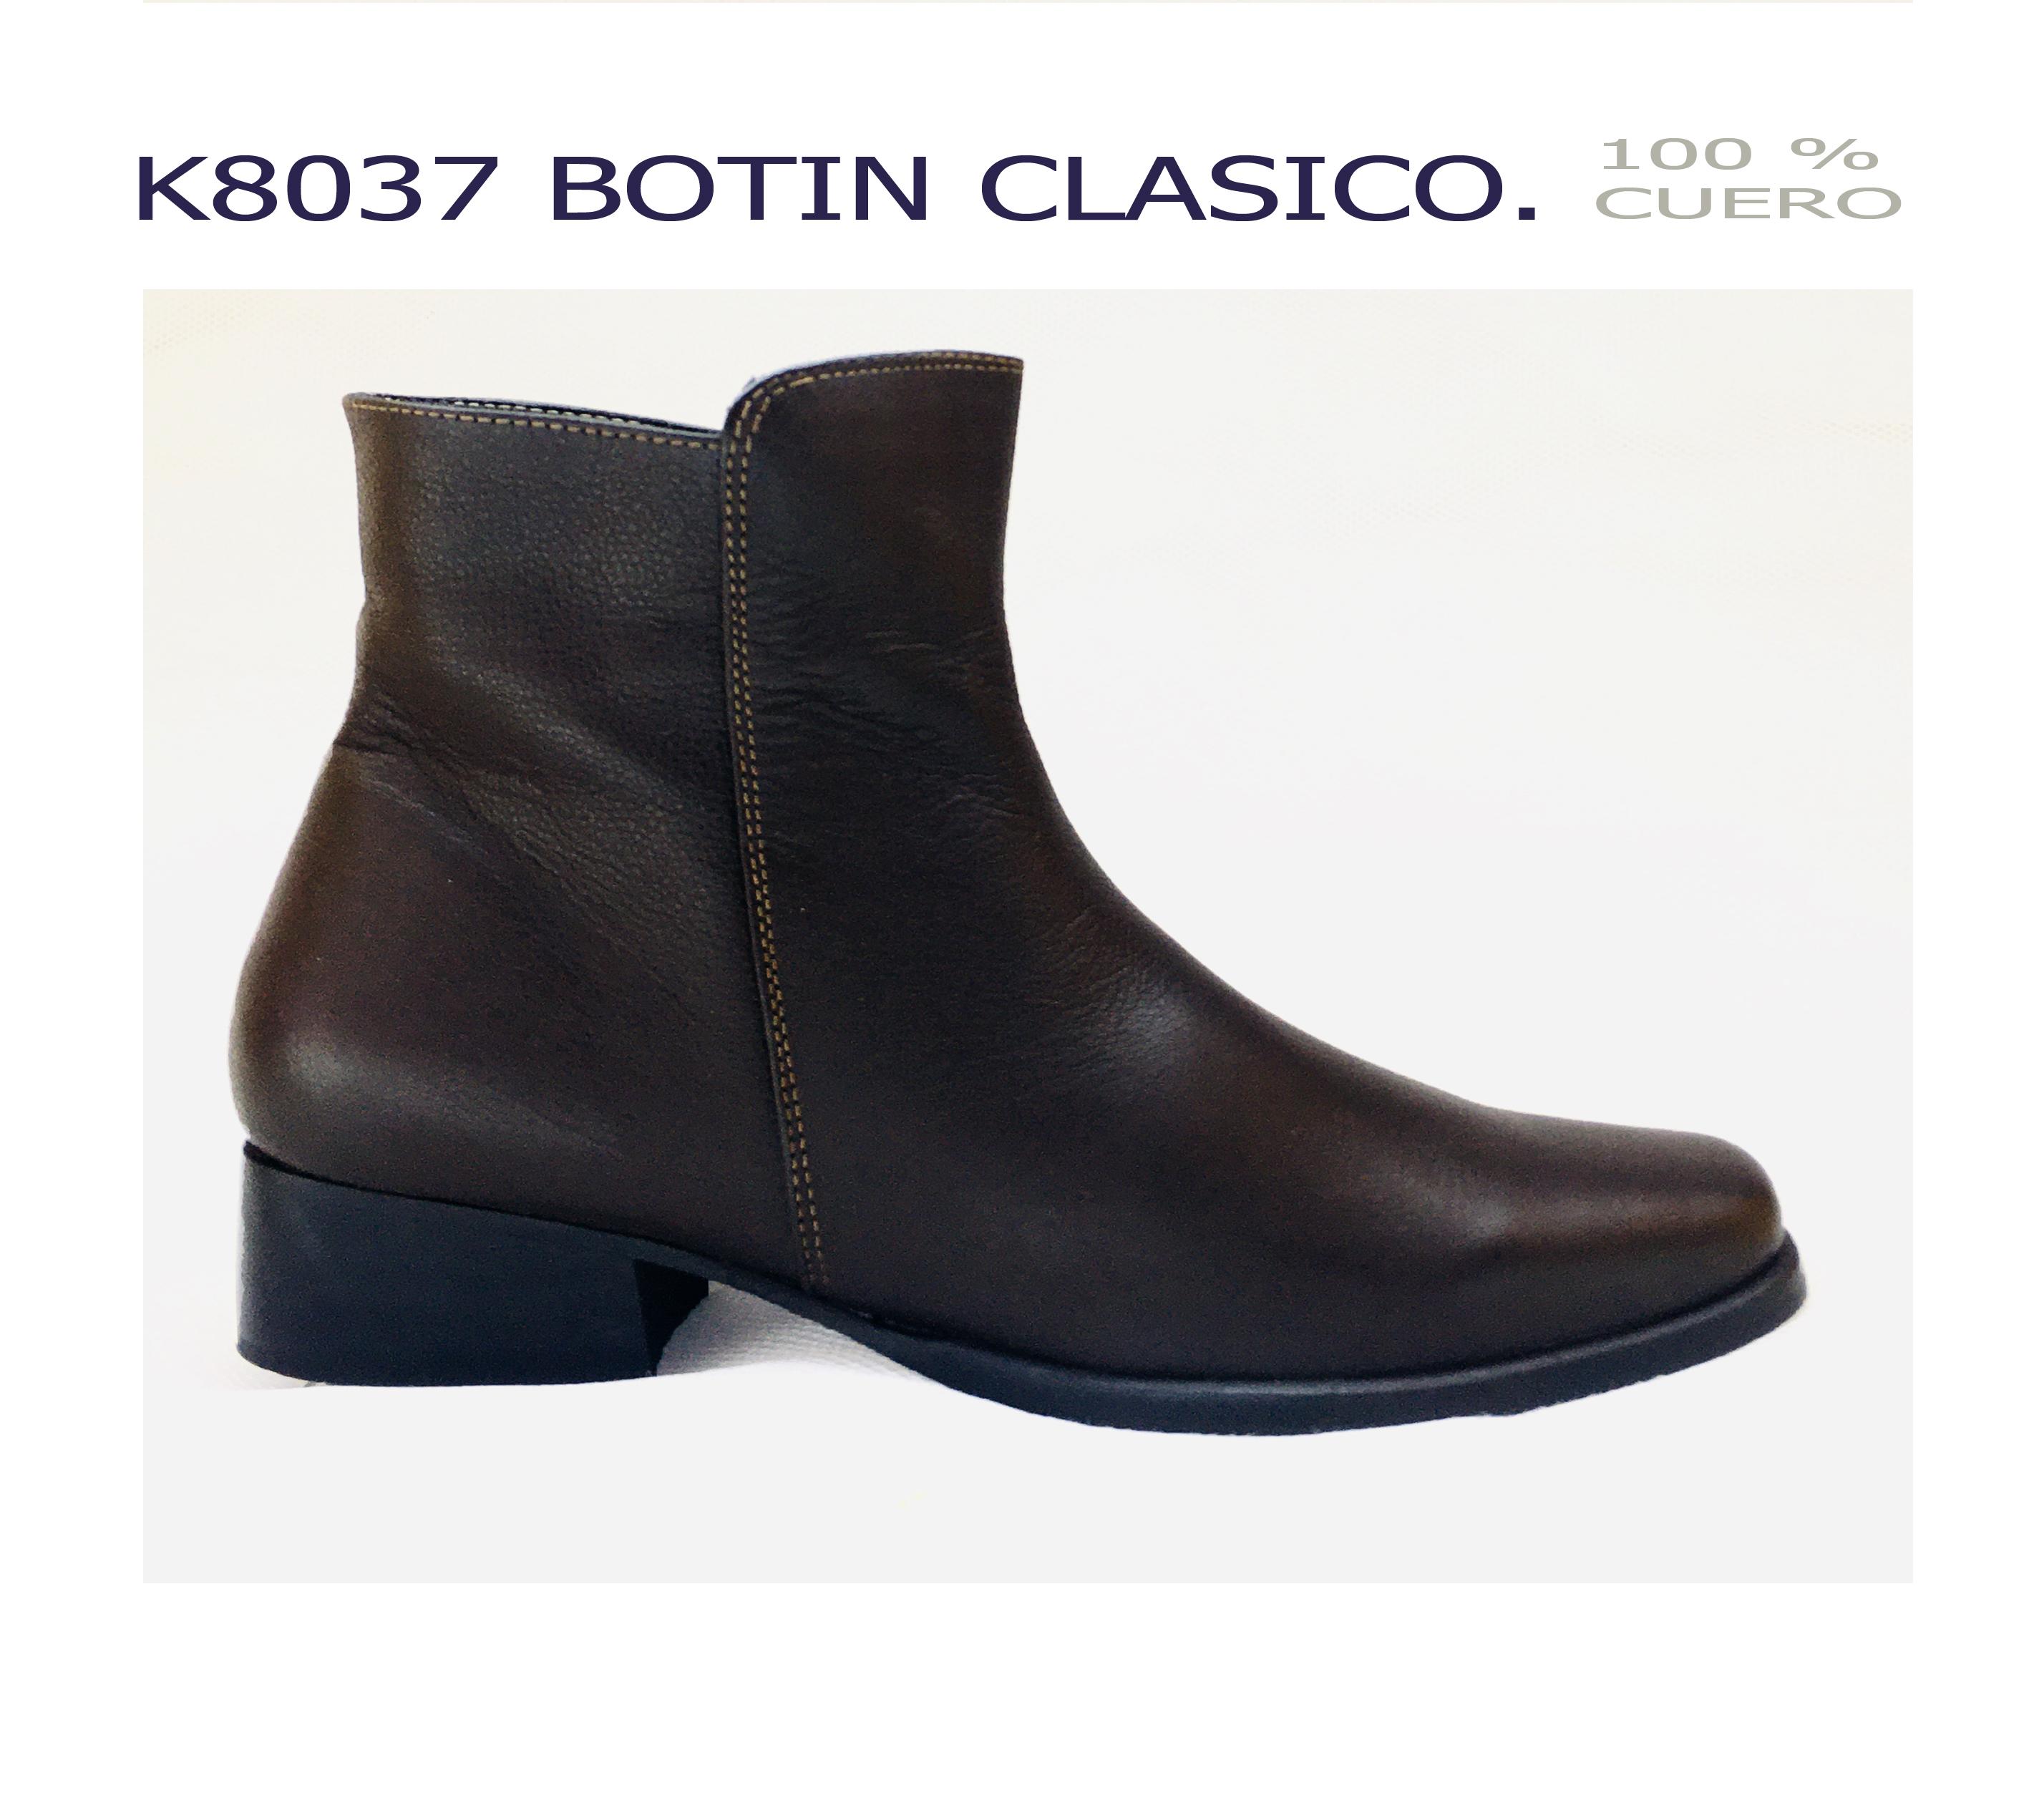 BOTIN 9408037 CUERO